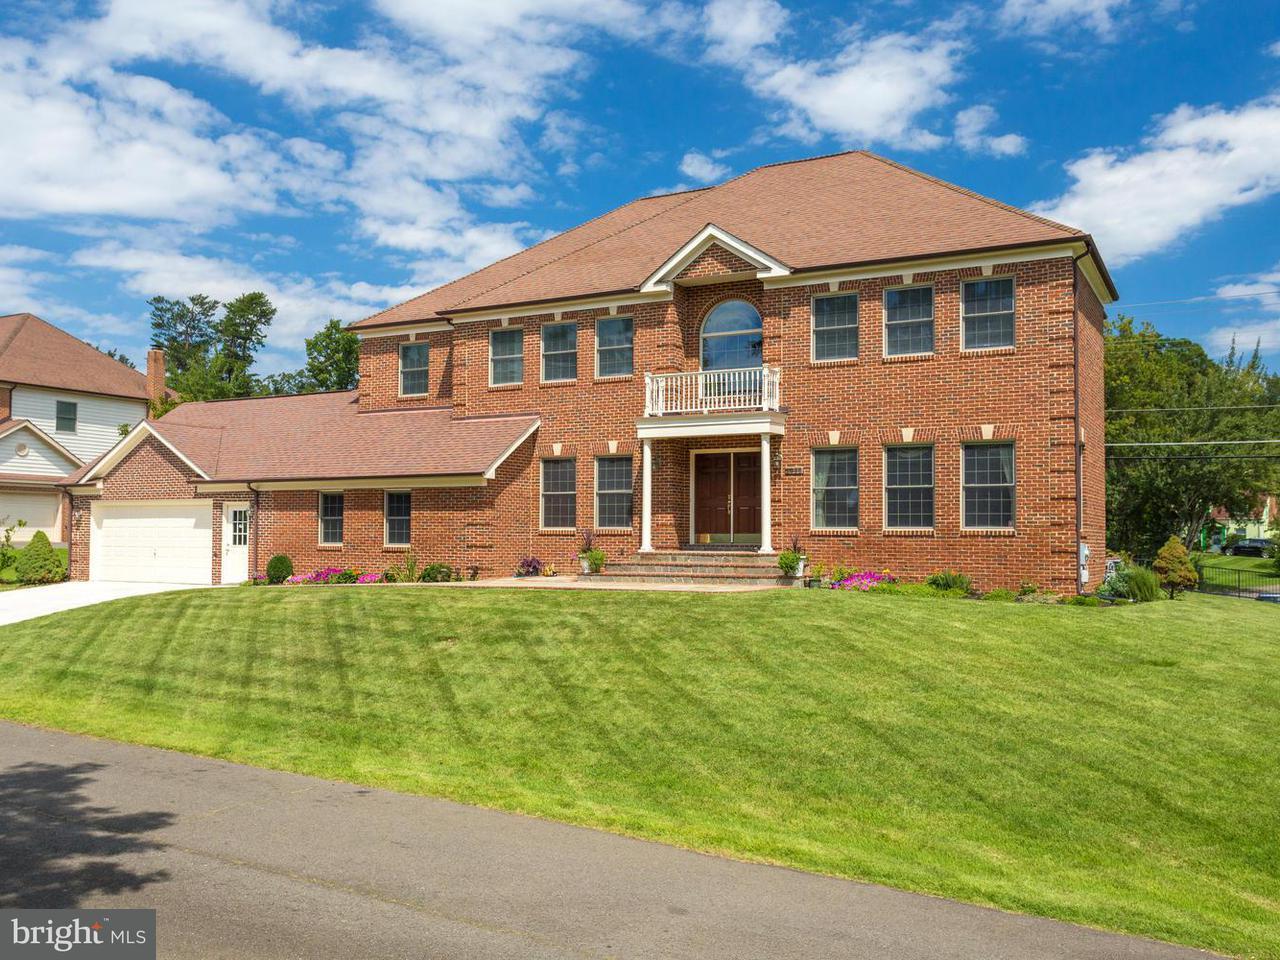 Μονοκατοικία για την Πώληση στο 4000 Downing Street 4000 Downing Street Annandale, Βιρτζινια 22003 Ηνωμενεσ Πολιτειεσ